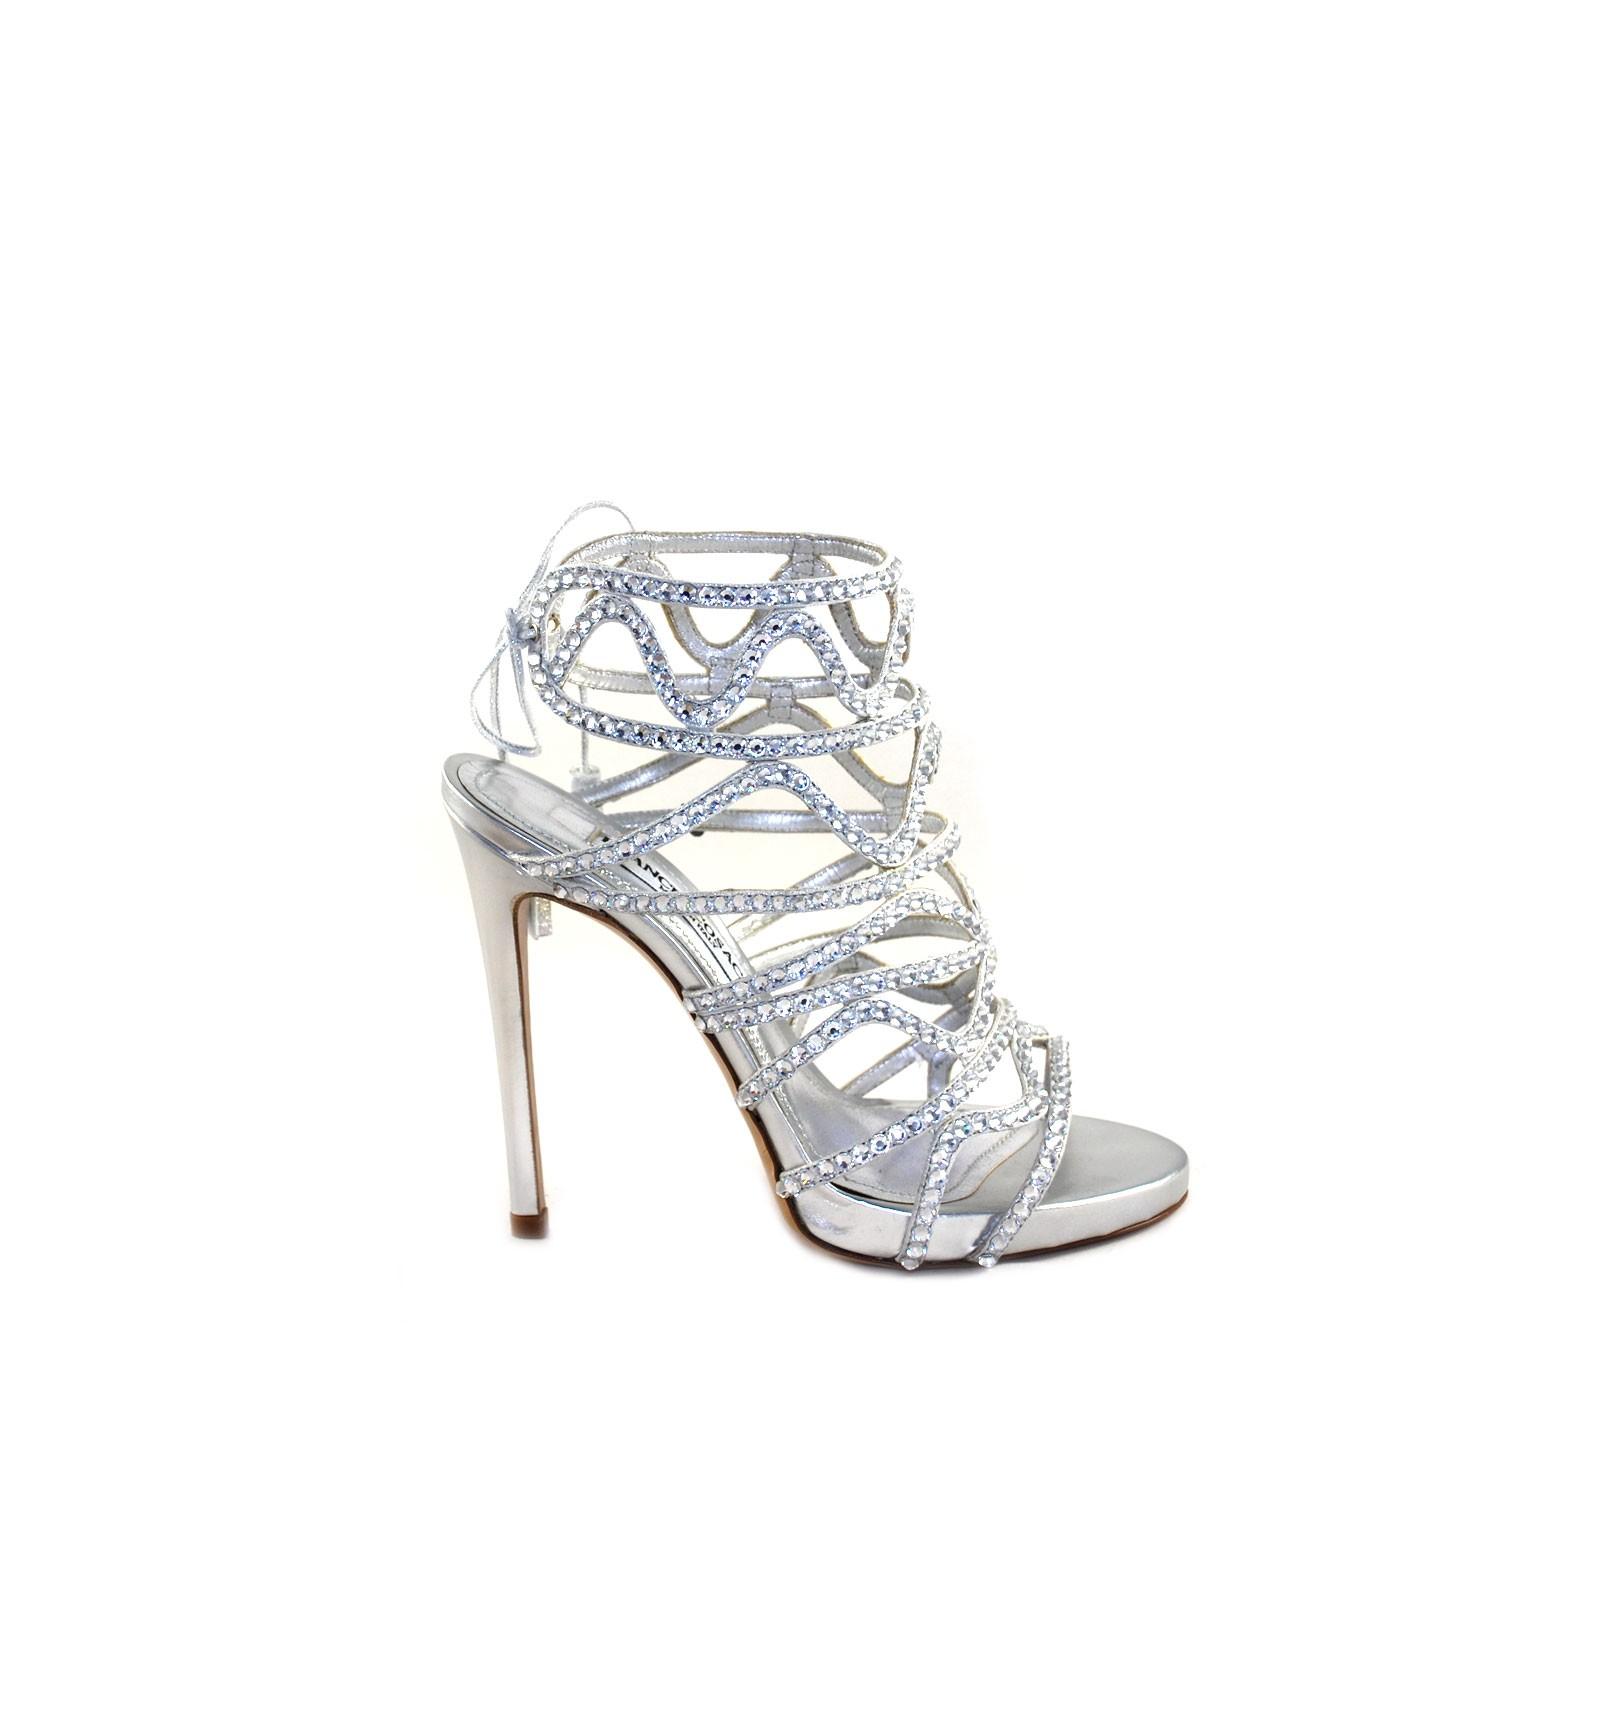 ... eleganti Sandalo gioiello FRANCESCO SACCO. Zoom. Successivo Precedente  5069 Espandi. 5069  5069  5069 3fed71dd3ff